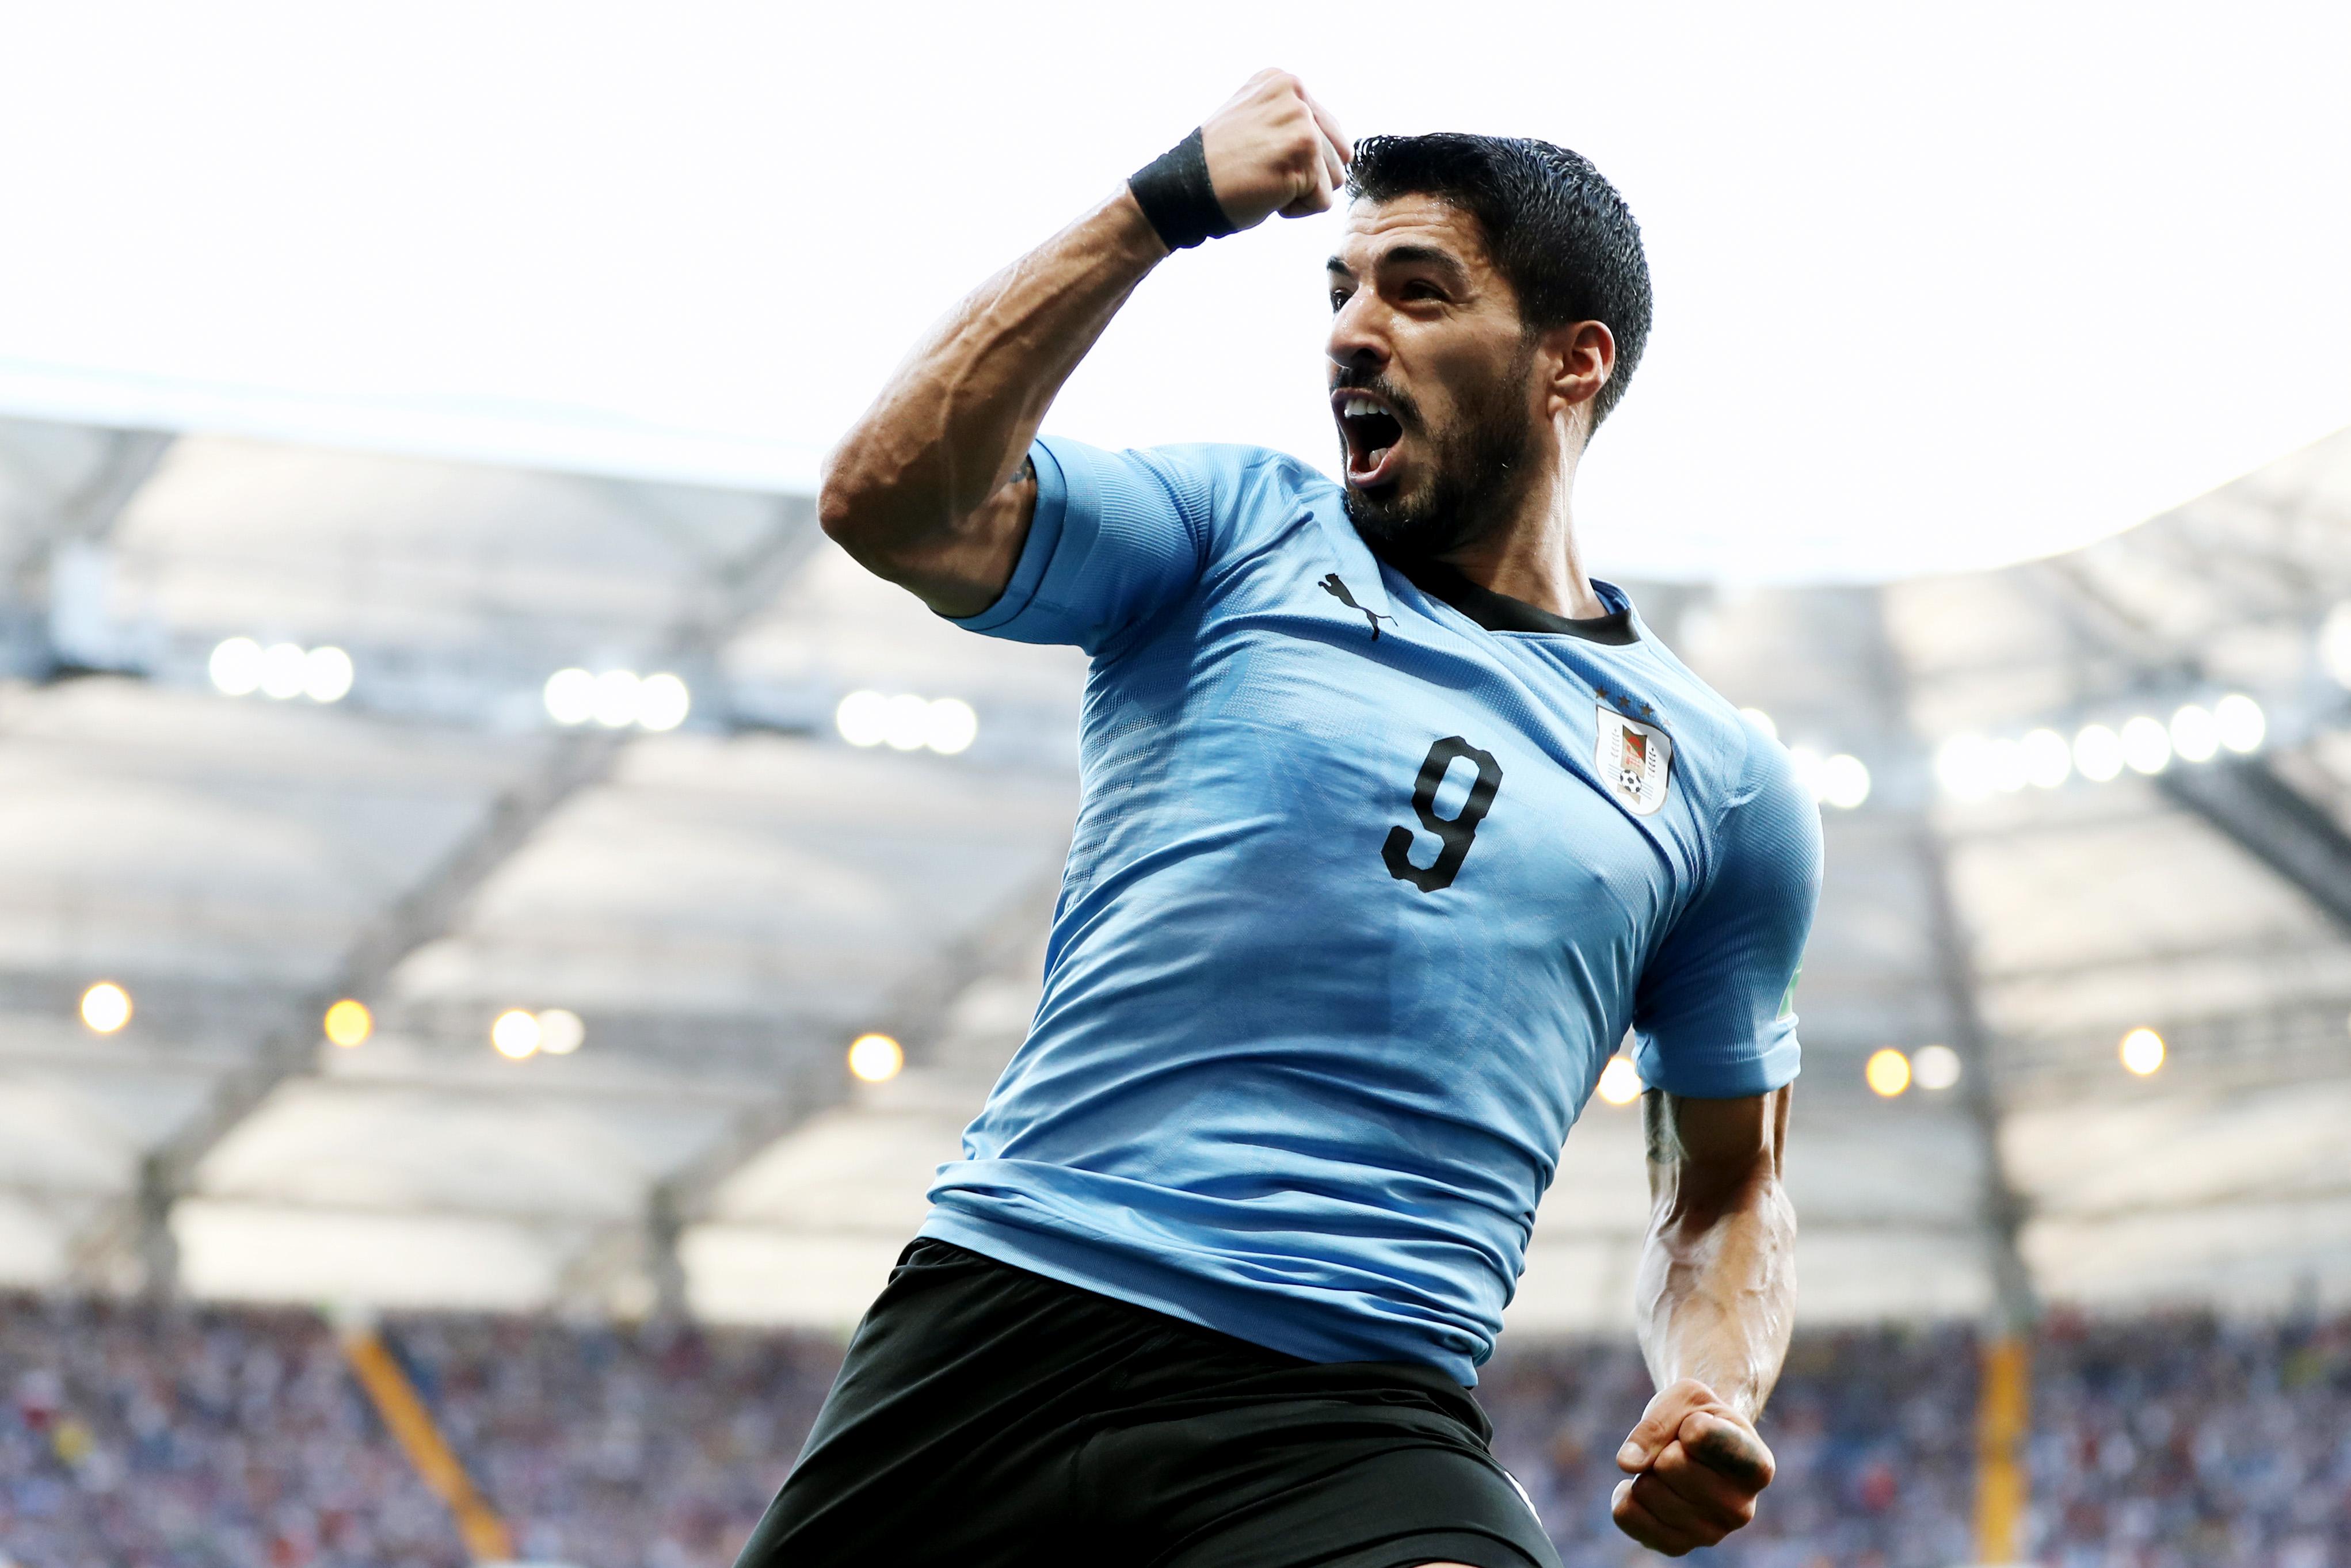 Нападающий сборной Уругвая Луис Суарес отмечает победный гол вворота Саудовской Аравии.